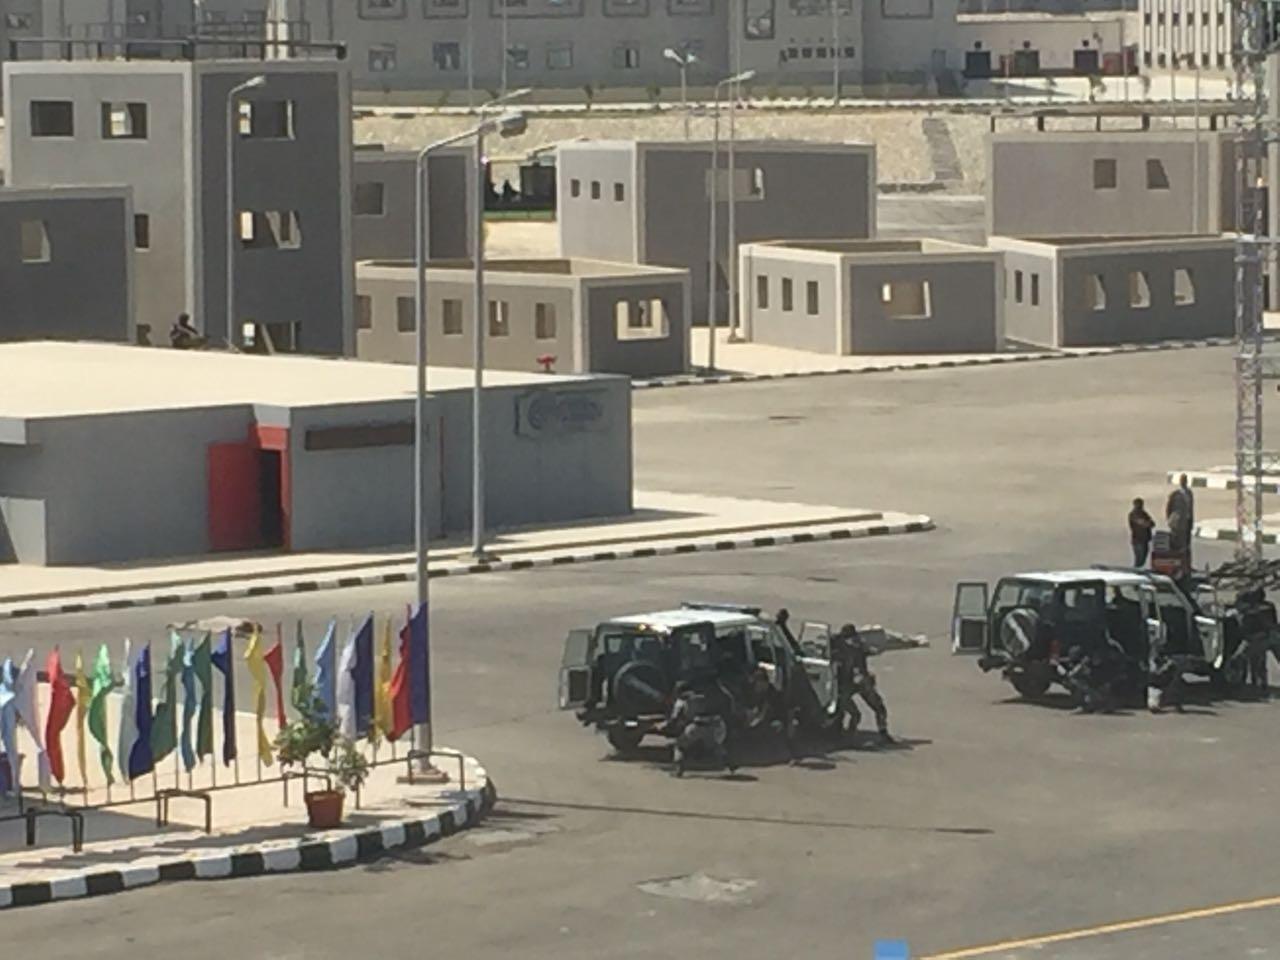 سيناريوهات للشرطة لمداهمة لعناصر الارهابية بحضور وزير الداخلية (4)